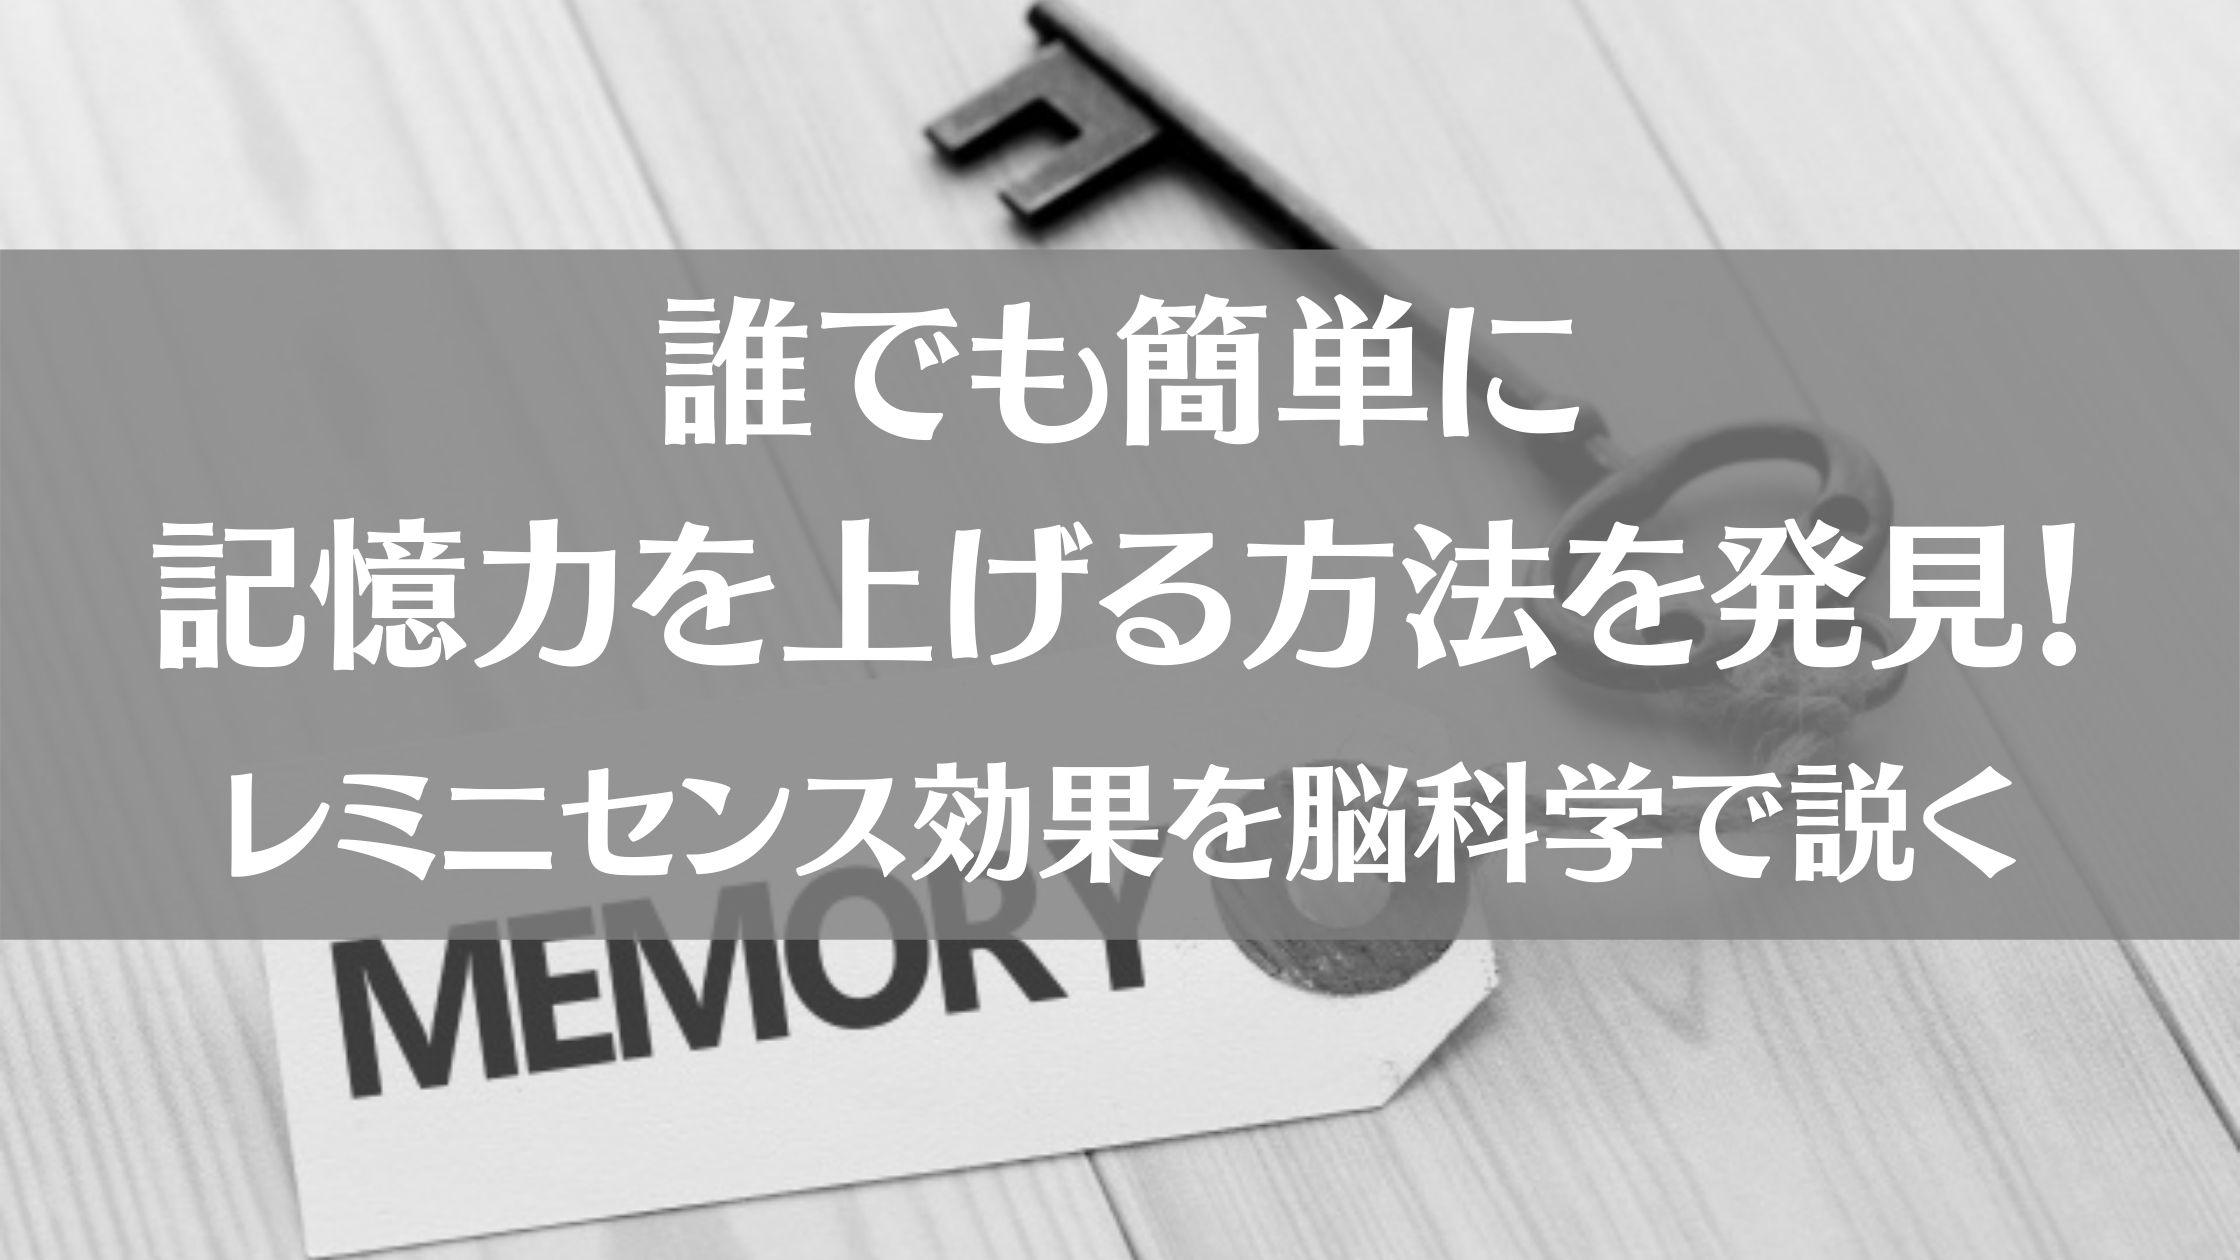 記憶力-A1